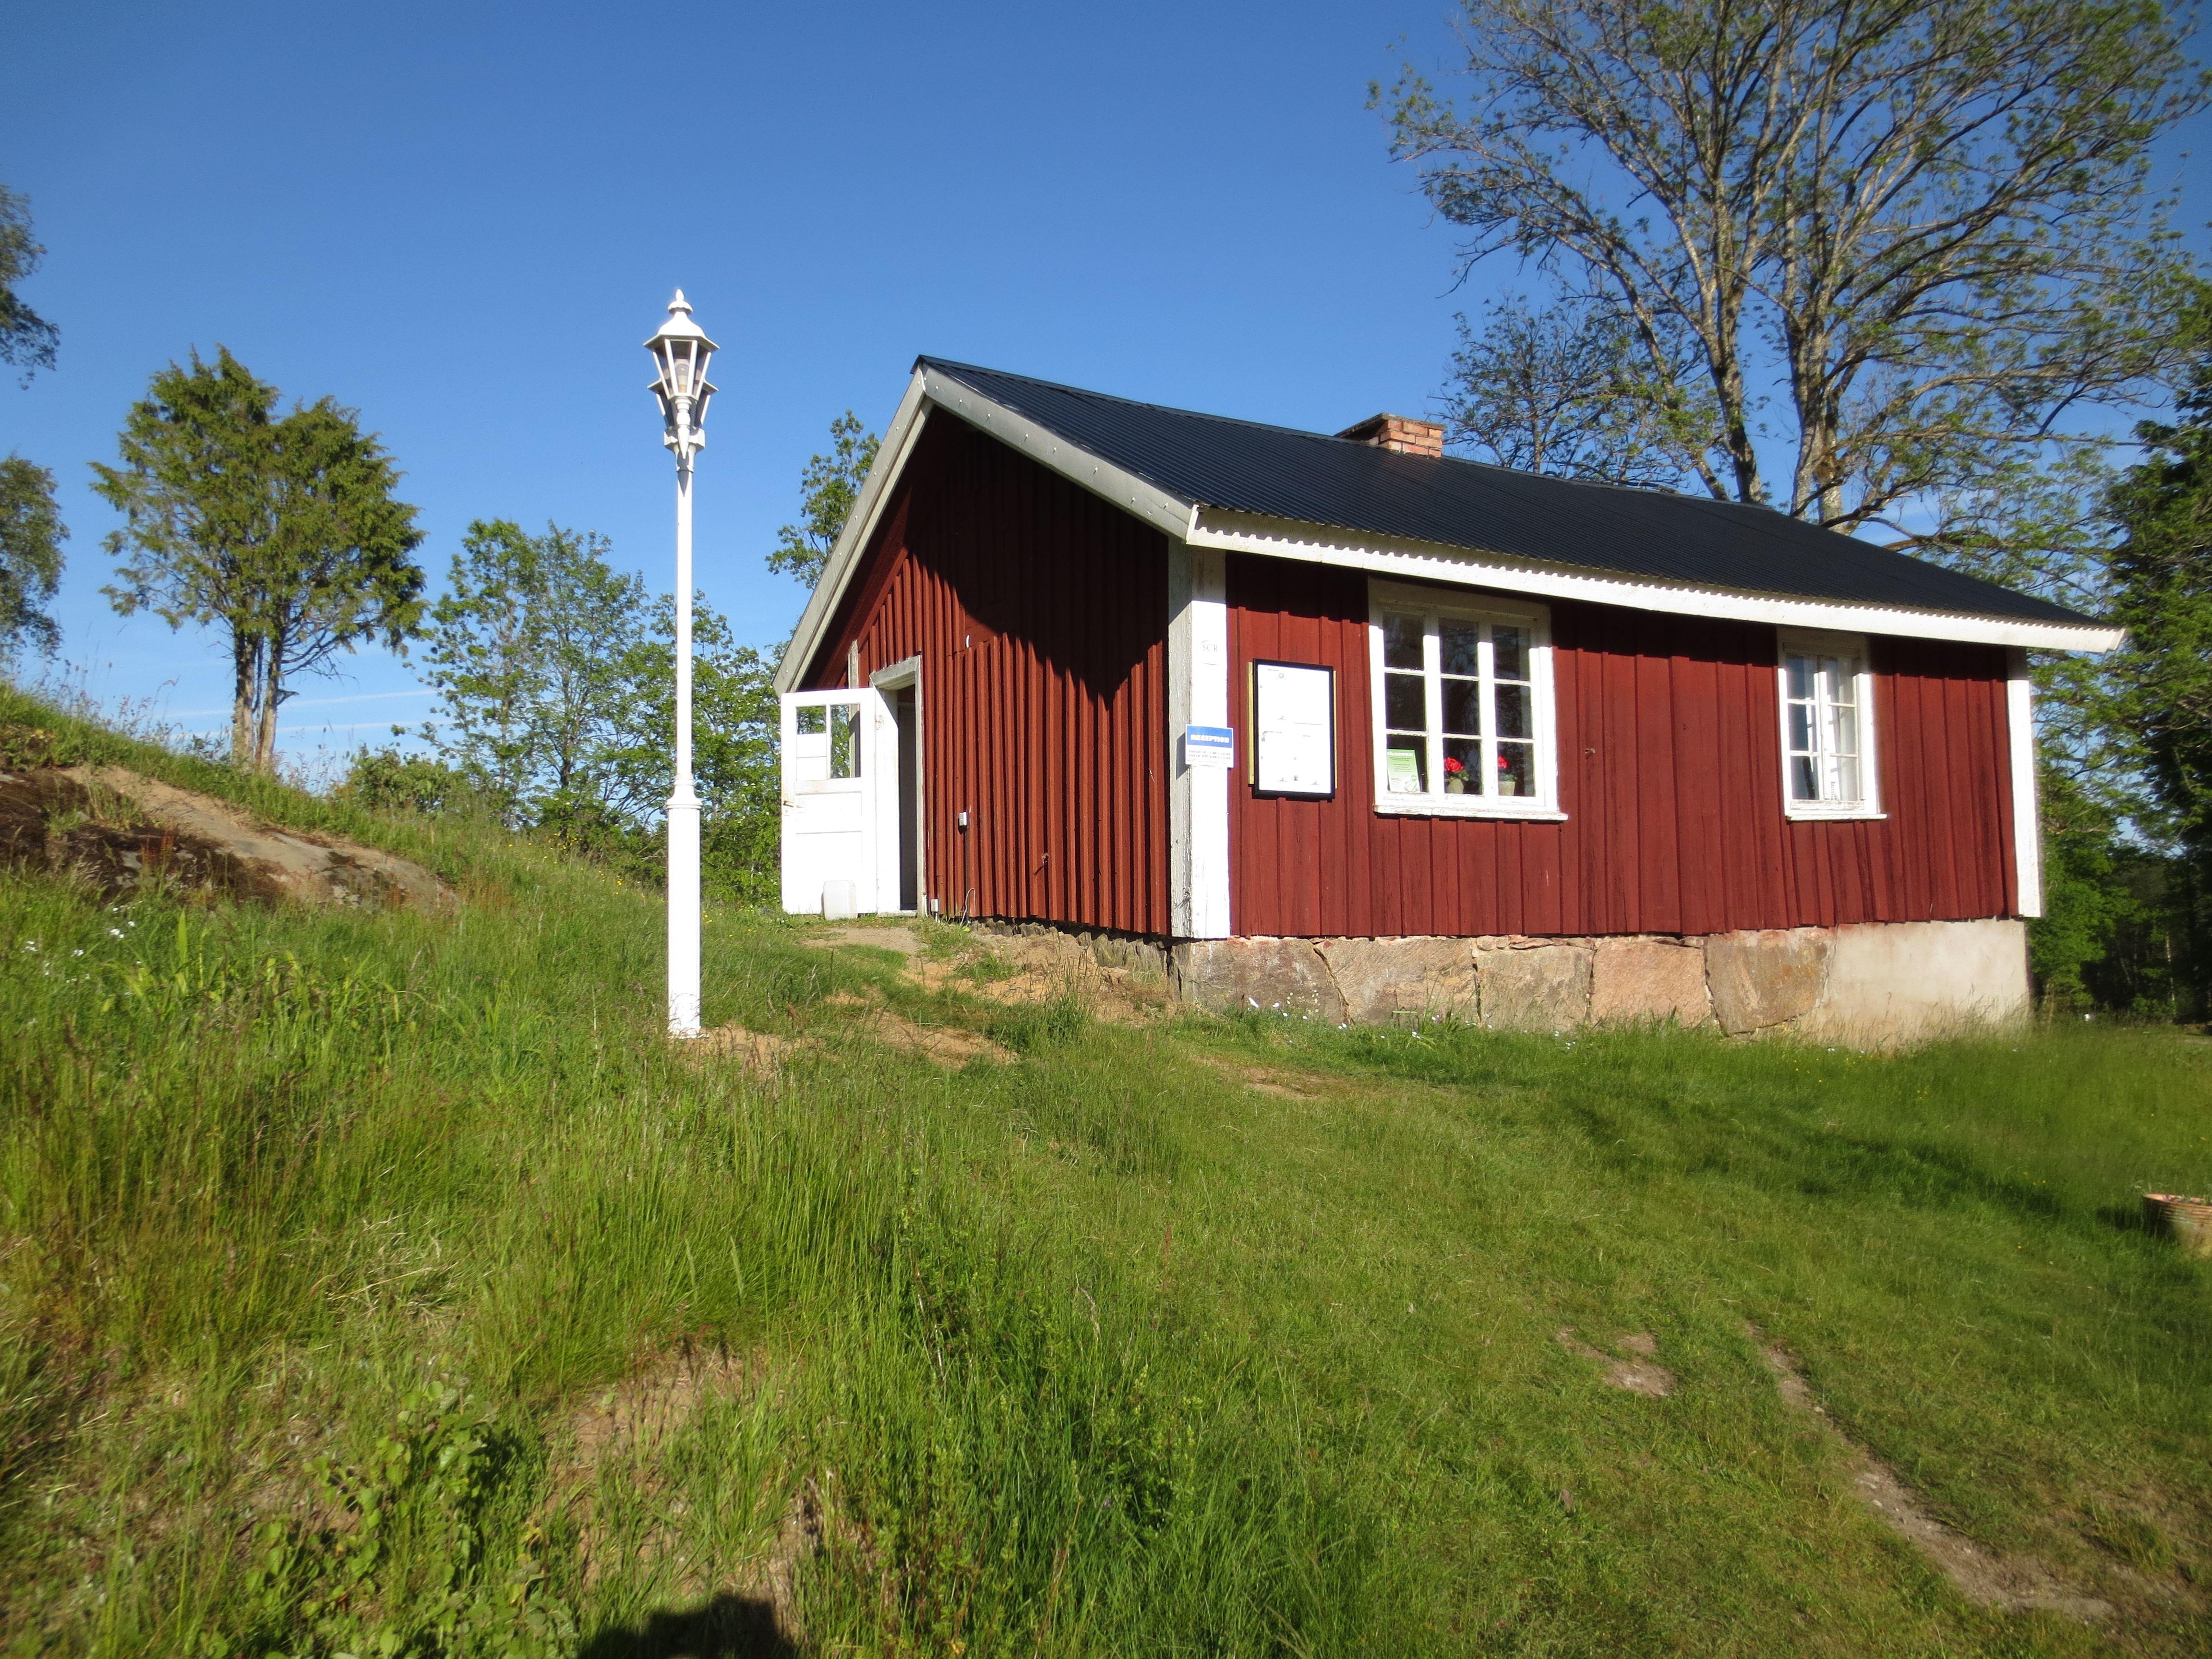 © Björsbo Forest and Lake Hideaways, Björsbo Forest and Lake Hideaways